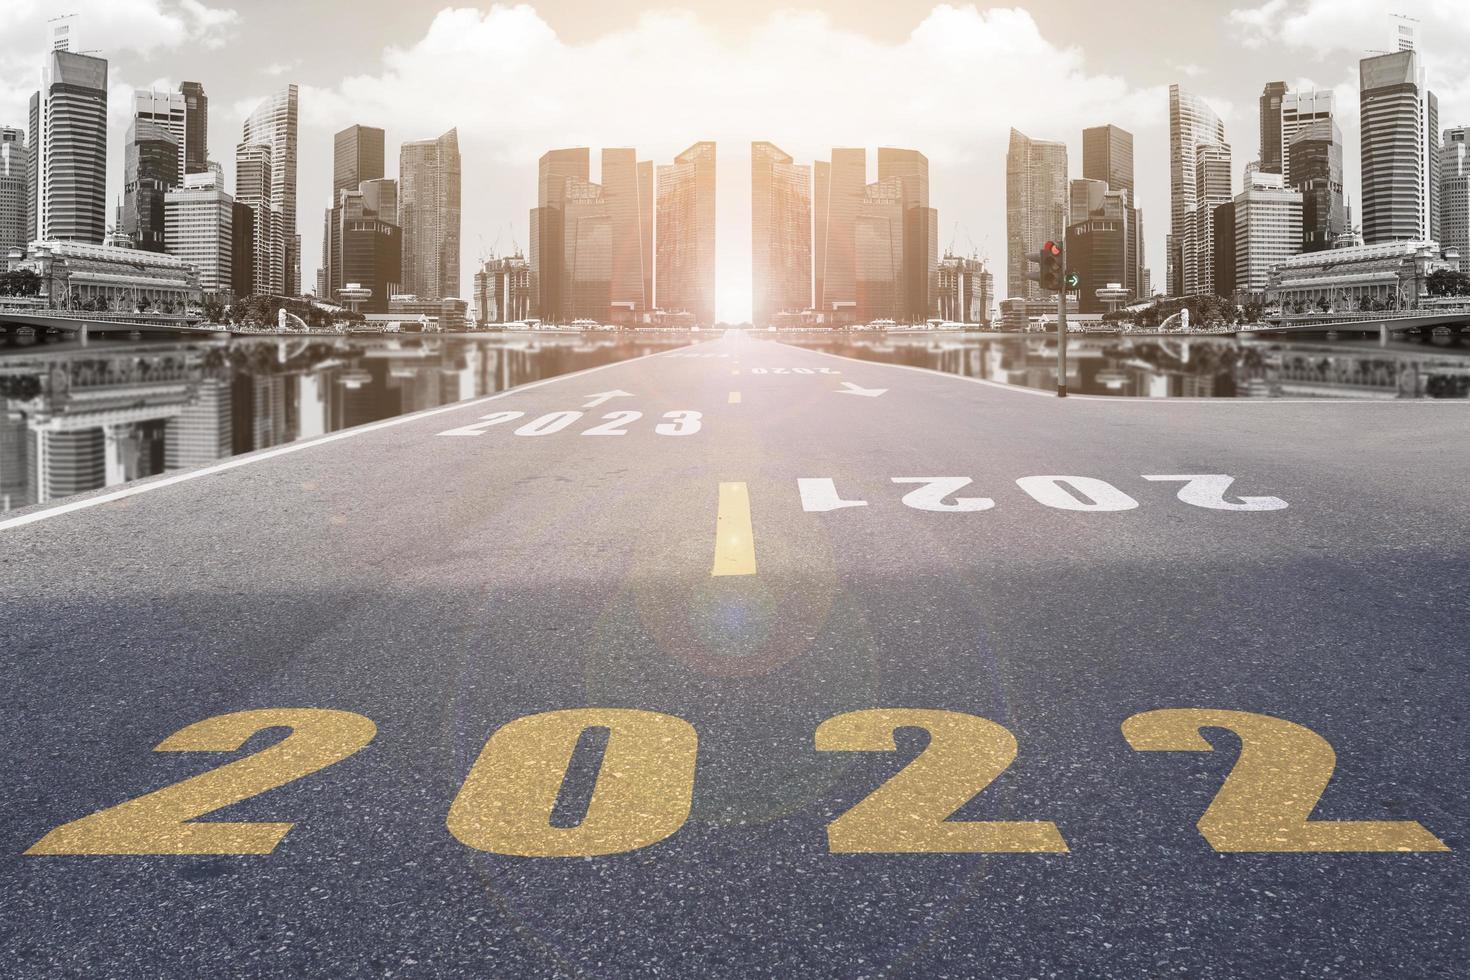 symbole 2022 numéros dans la rue menant aux gratte-ciel de la ville. photo